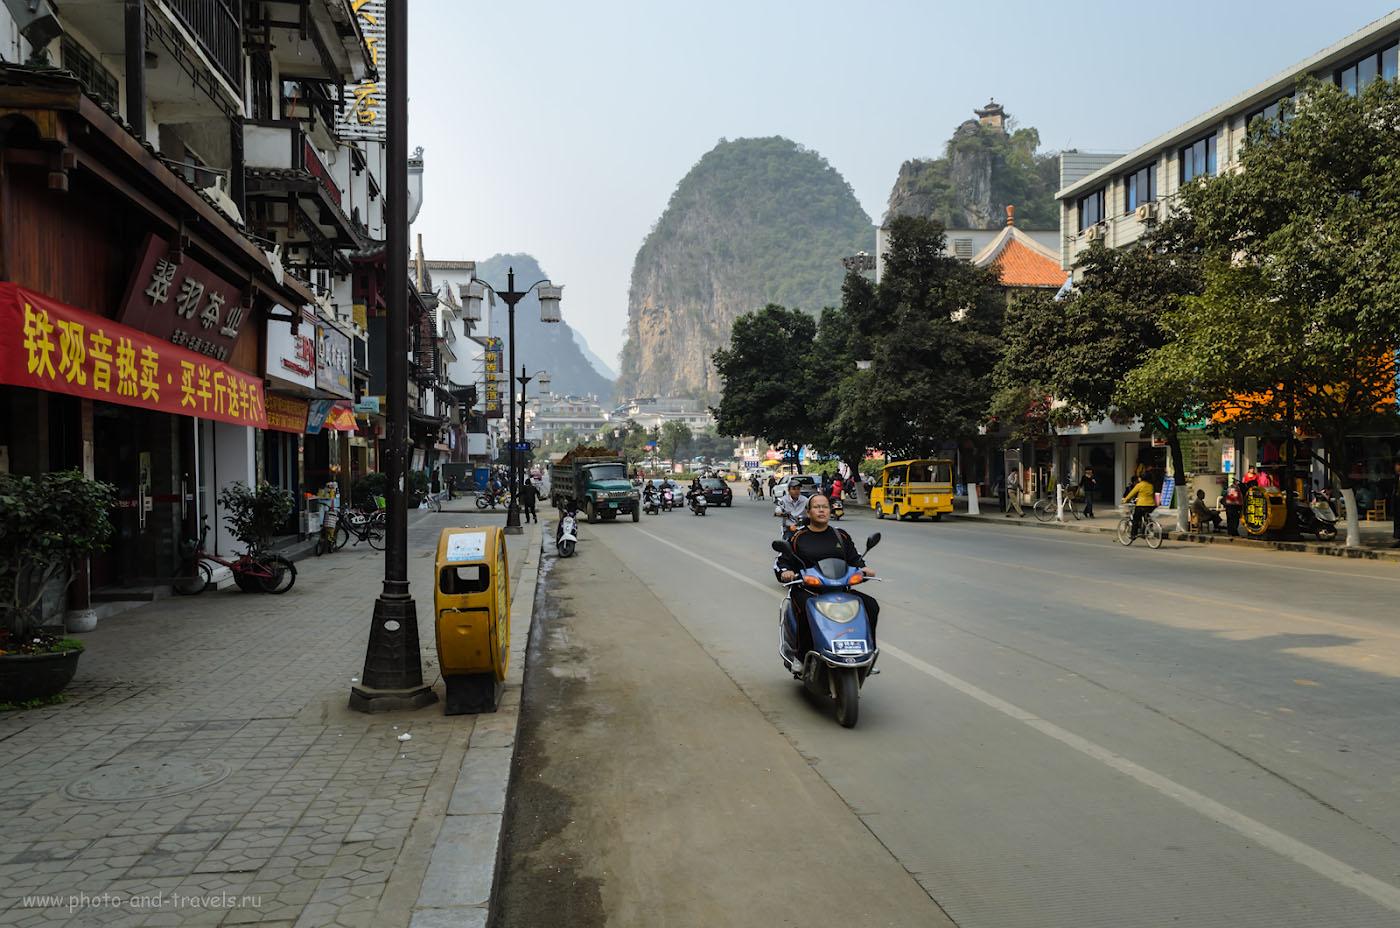 """Фотография 2. Где поселиться в Яншо. Улица, на которой расположен наш отель """"Yangshuo West Street Vista Hotel"""". Отзывы о самостоятельной поездке в Китай. 1/125, 11.0, 200, 18."""